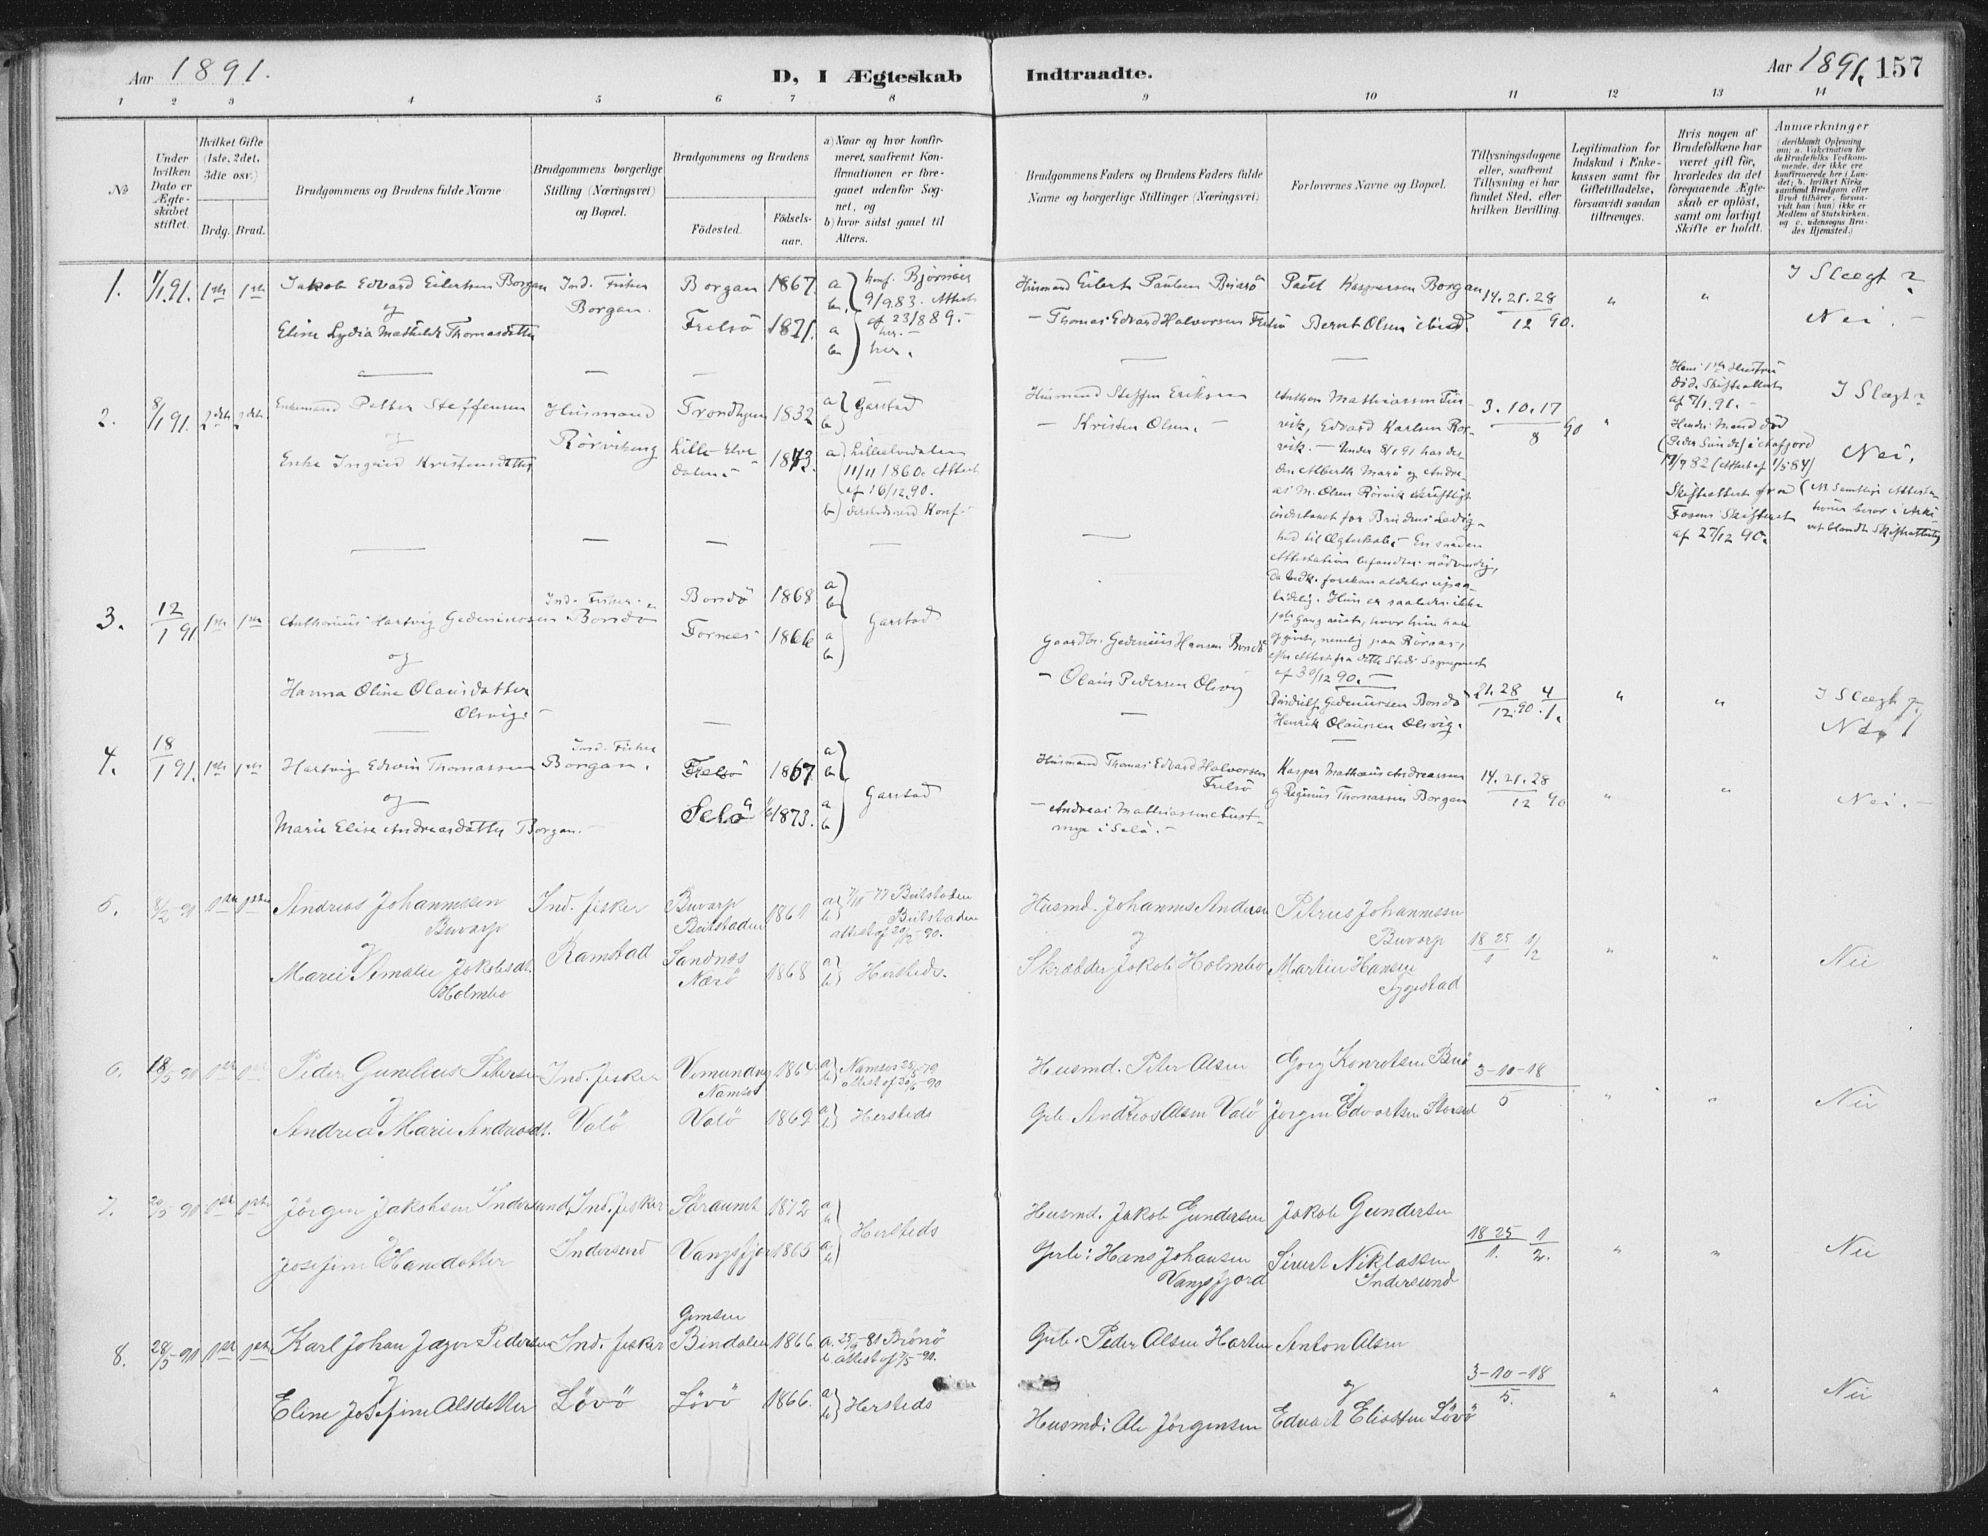 SAT, Ministerialprotokoller, klokkerbøker og fødselsregistre - Nord-Trøndelag, 786/L0687: Ministerialbok nr. 786A03, 1888-1898, s. 157